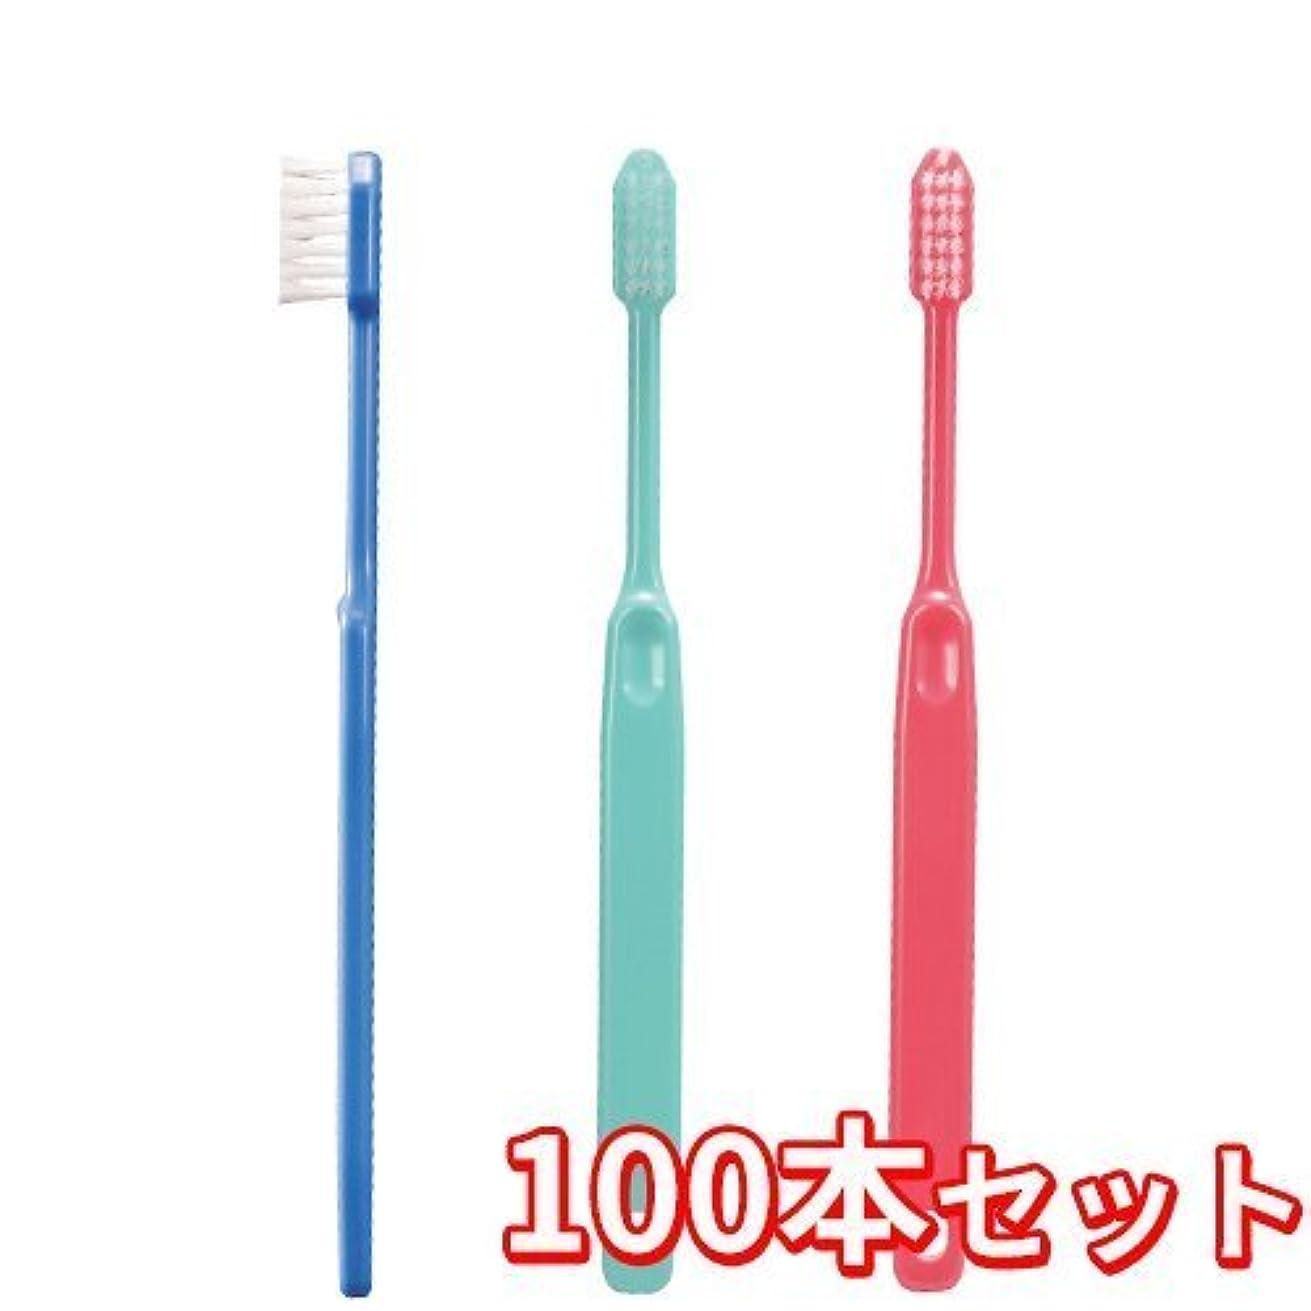 調整可能ぬいぐるみバーストCiメディカル 歯ブラシ コンパクトヘッド 疎毛タイプ アソート 100本 (Ci23(やややわらかめ))